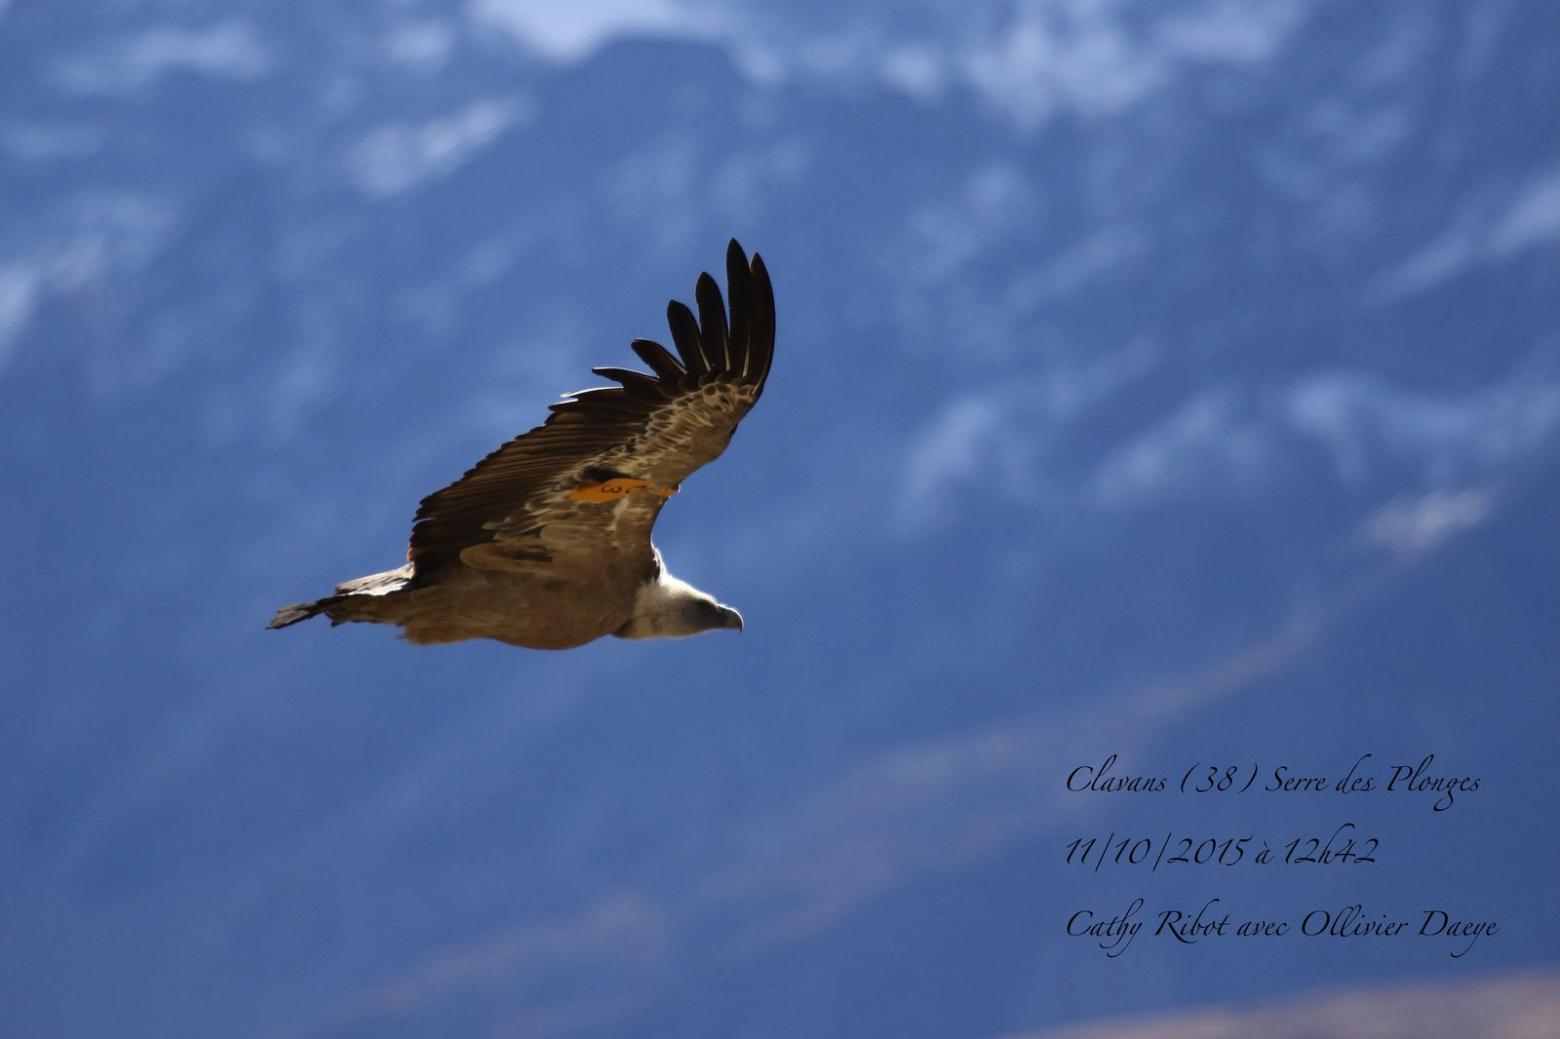 Vautour fauve - photo Cathy Ribot - prospection internationale - Parc national des Ecrins